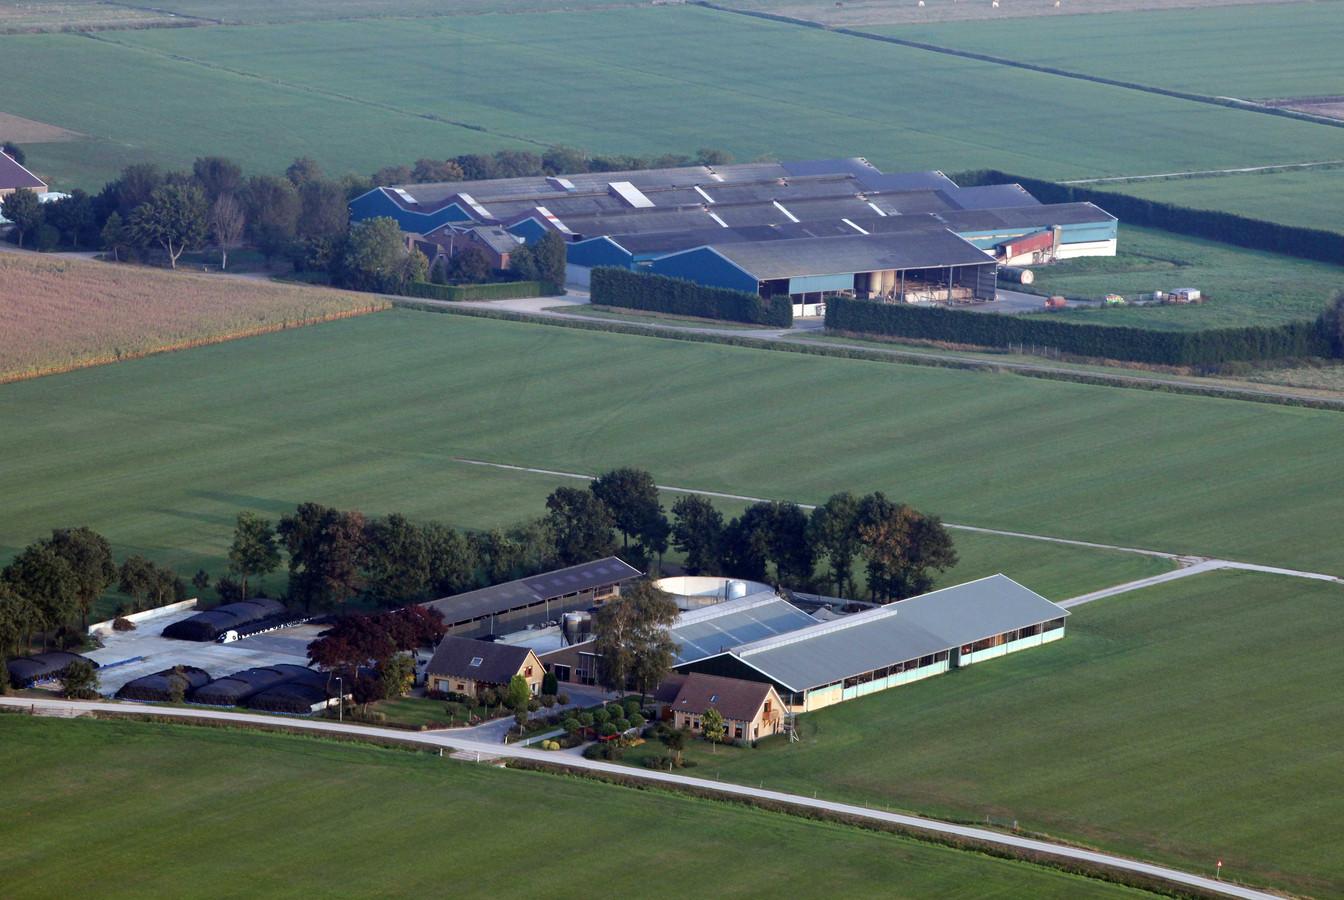 Archieffoto van De Knorhof (achterste bedrijf) in Erichem.